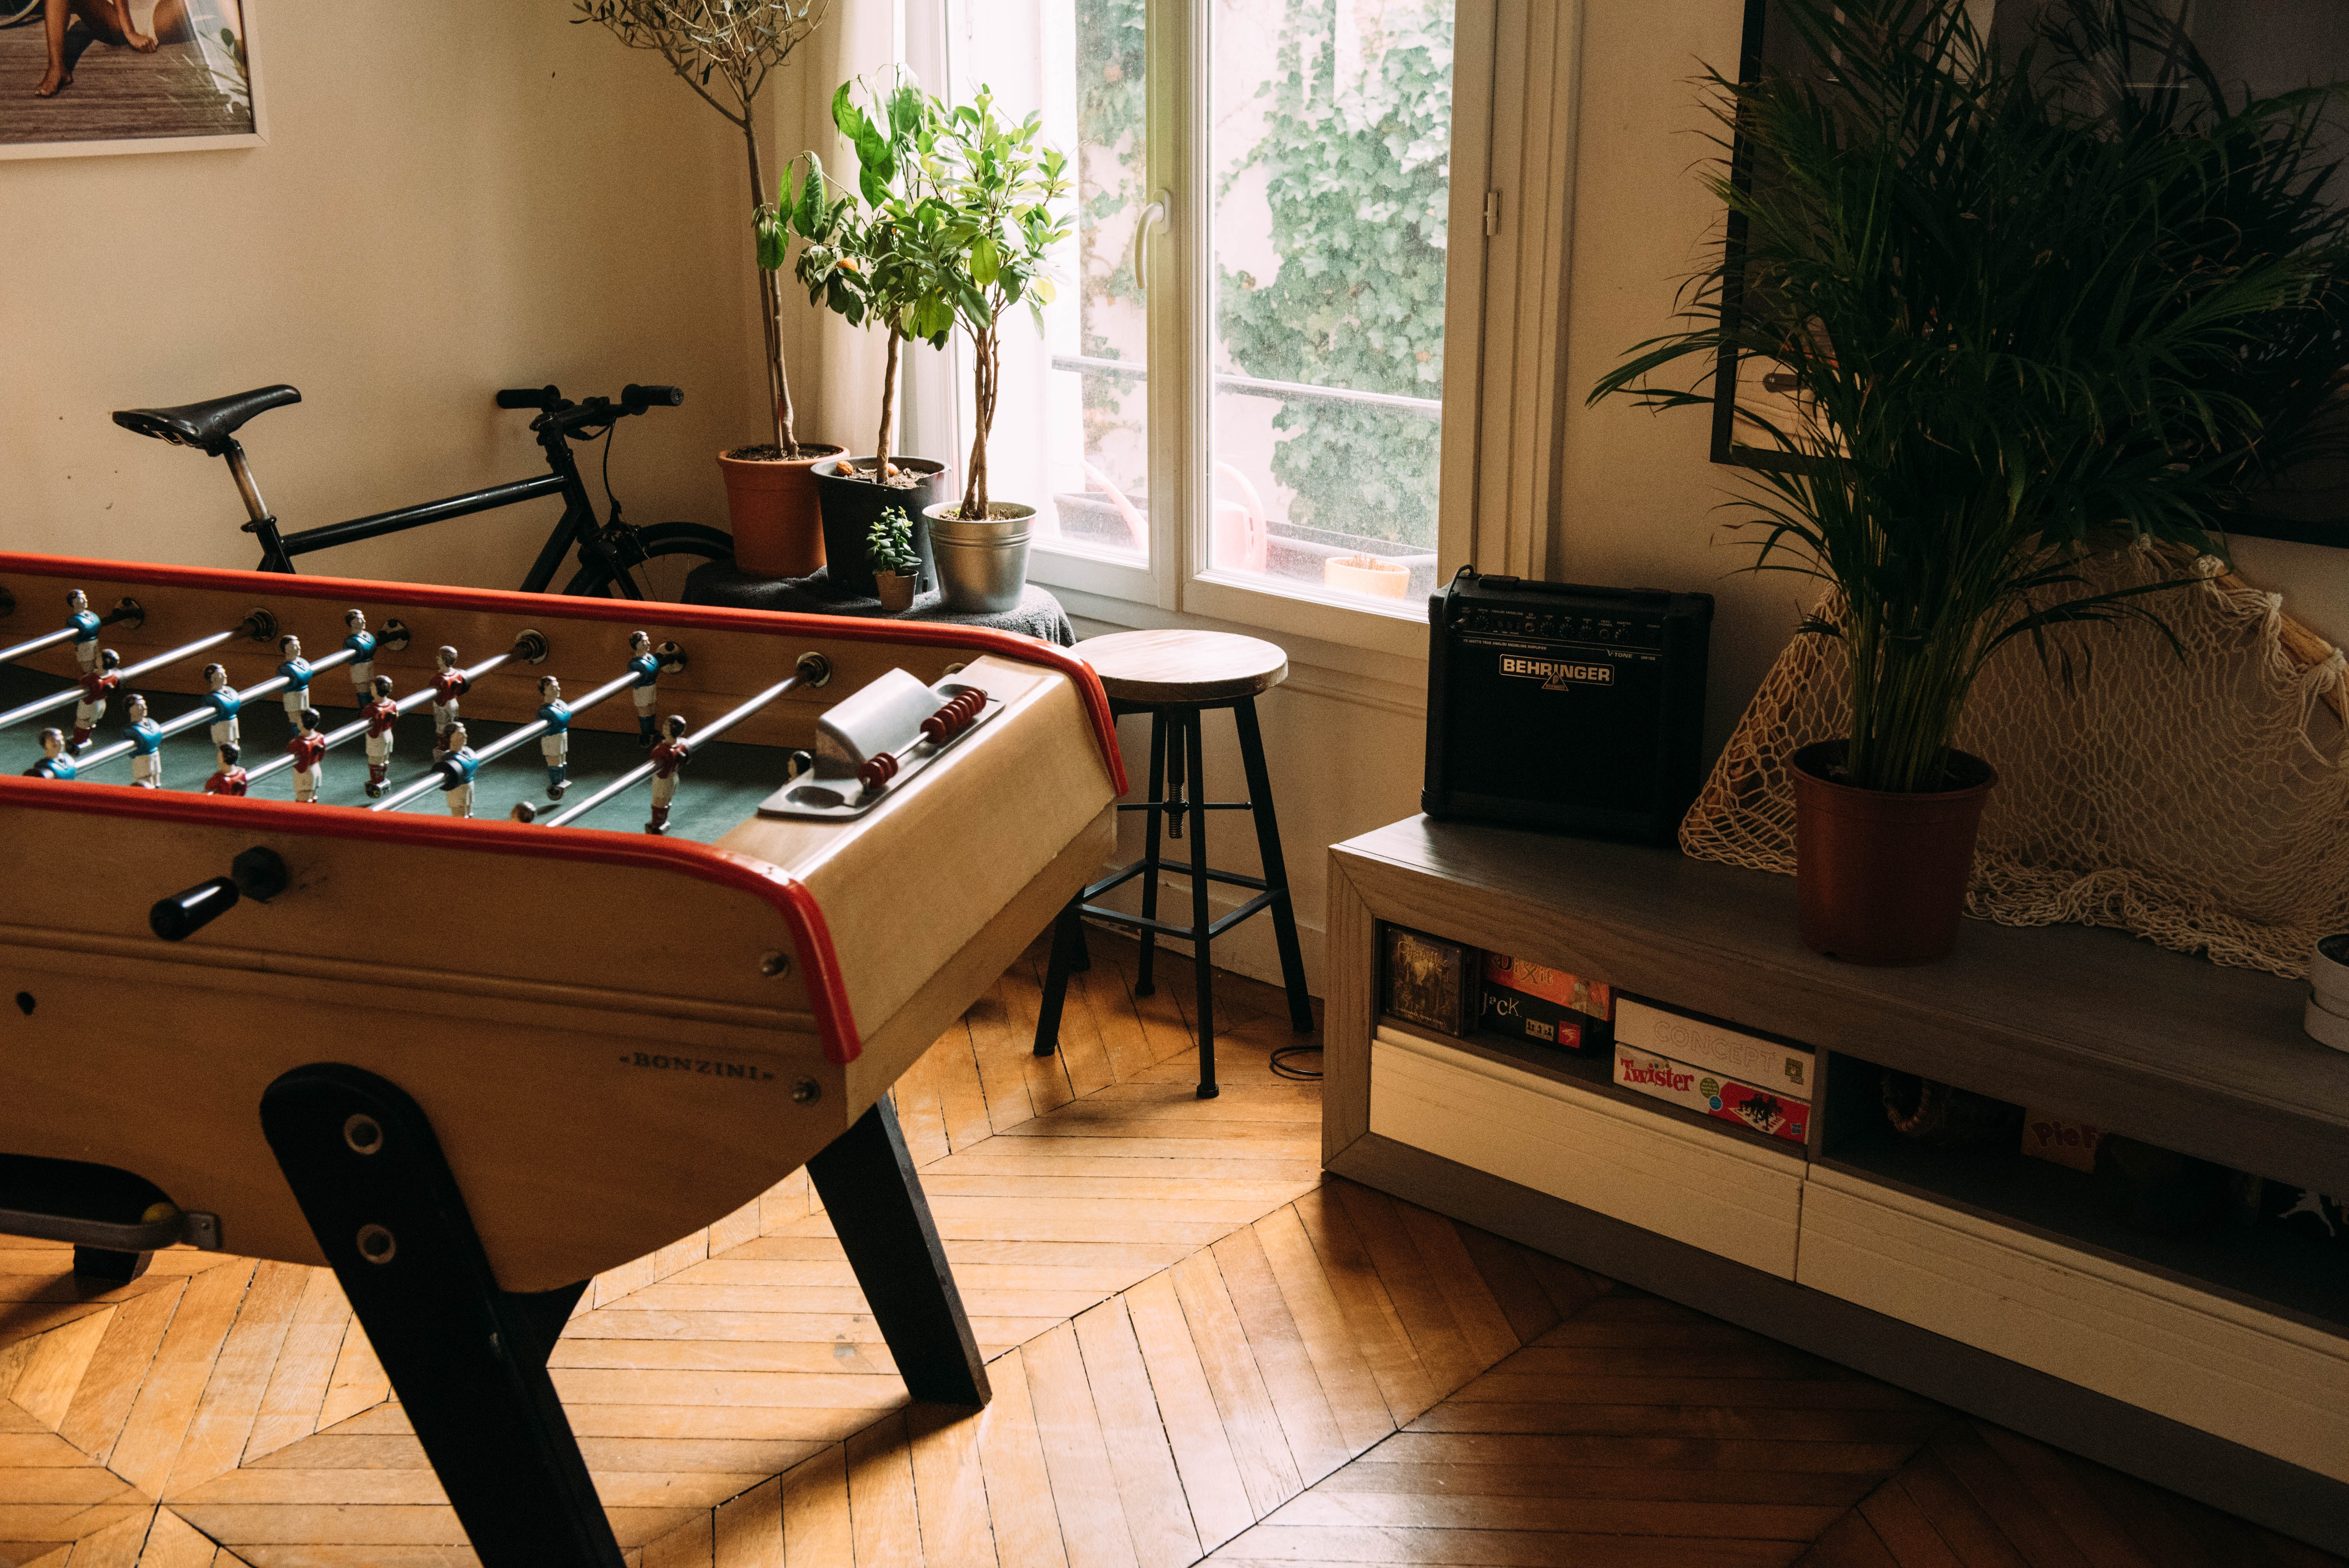 brown air hockey beside bicycle inside beige room